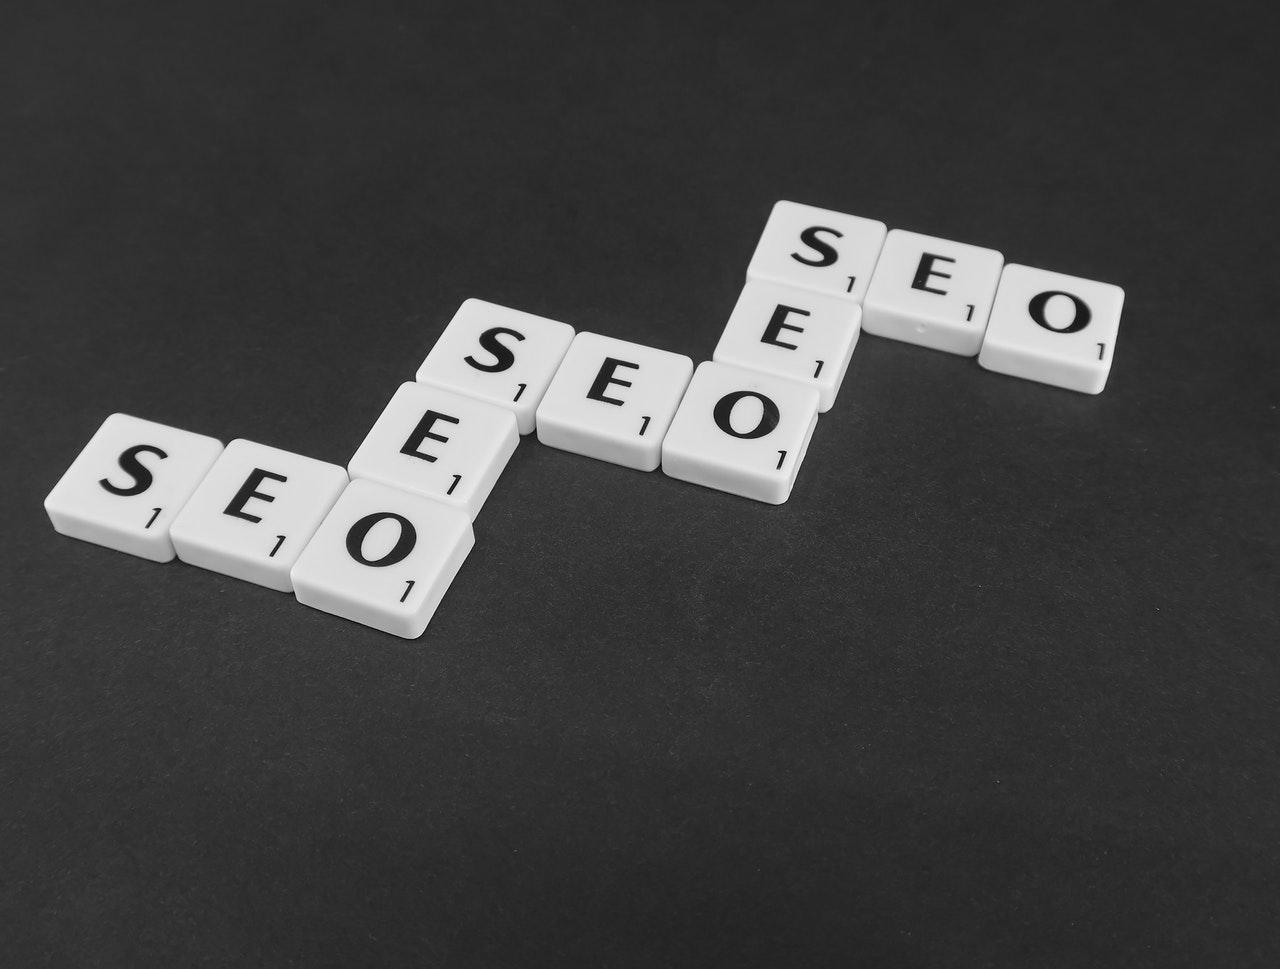 Le SEO vous aidera à apparaitre plus souvent dans les moteurs de recherche